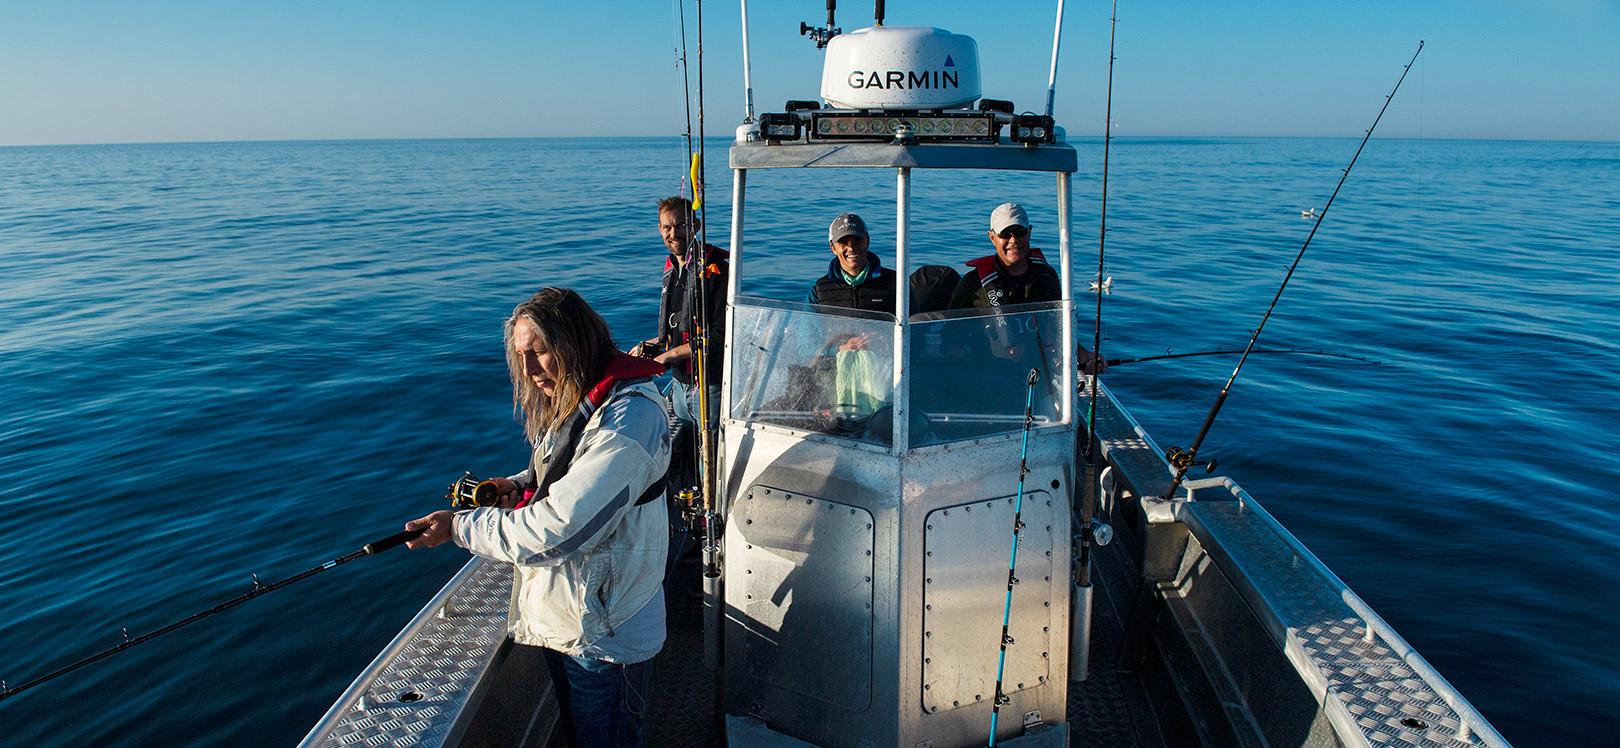 Ombord på Sally er der god plads til at seks man kan fiske komfortabelt uden at gå i vejen for hinanden.